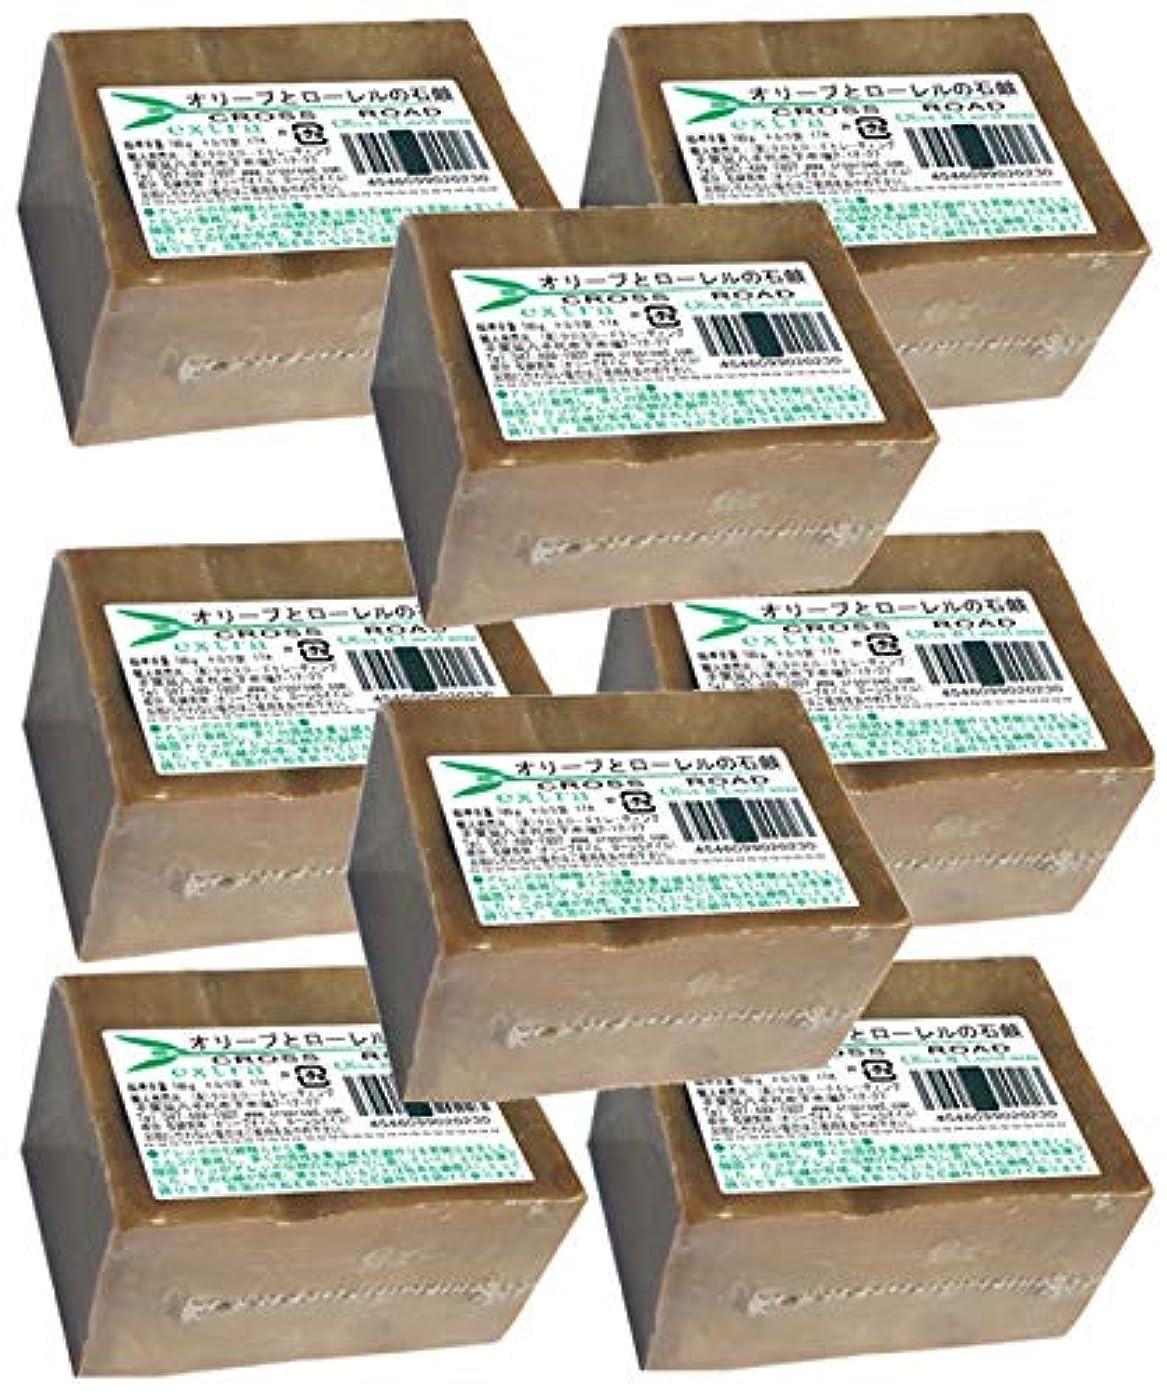 掘るベテランボードオリーブとローレルの石鹸(エキストラ)8個セット[並行輸入品]